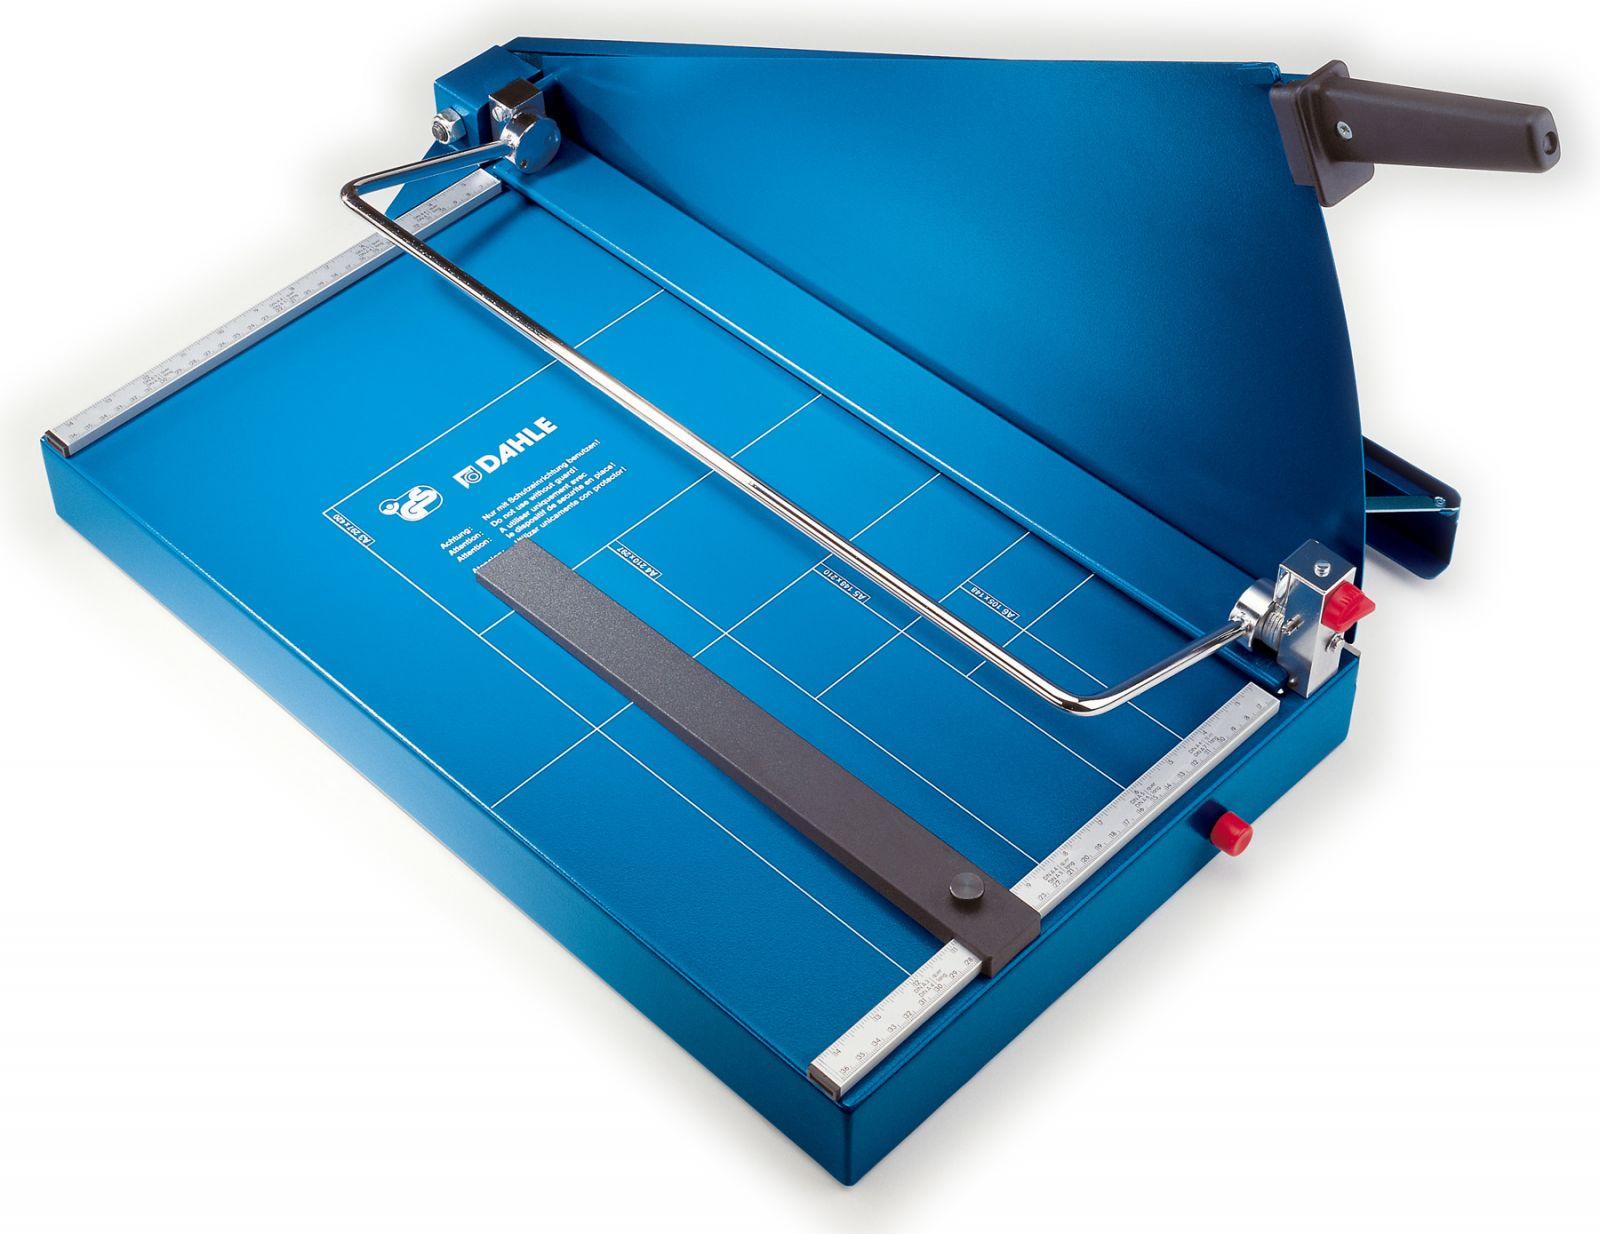 Páková řezačka papíru - DAHLE 519 - délka řezu 700 mm